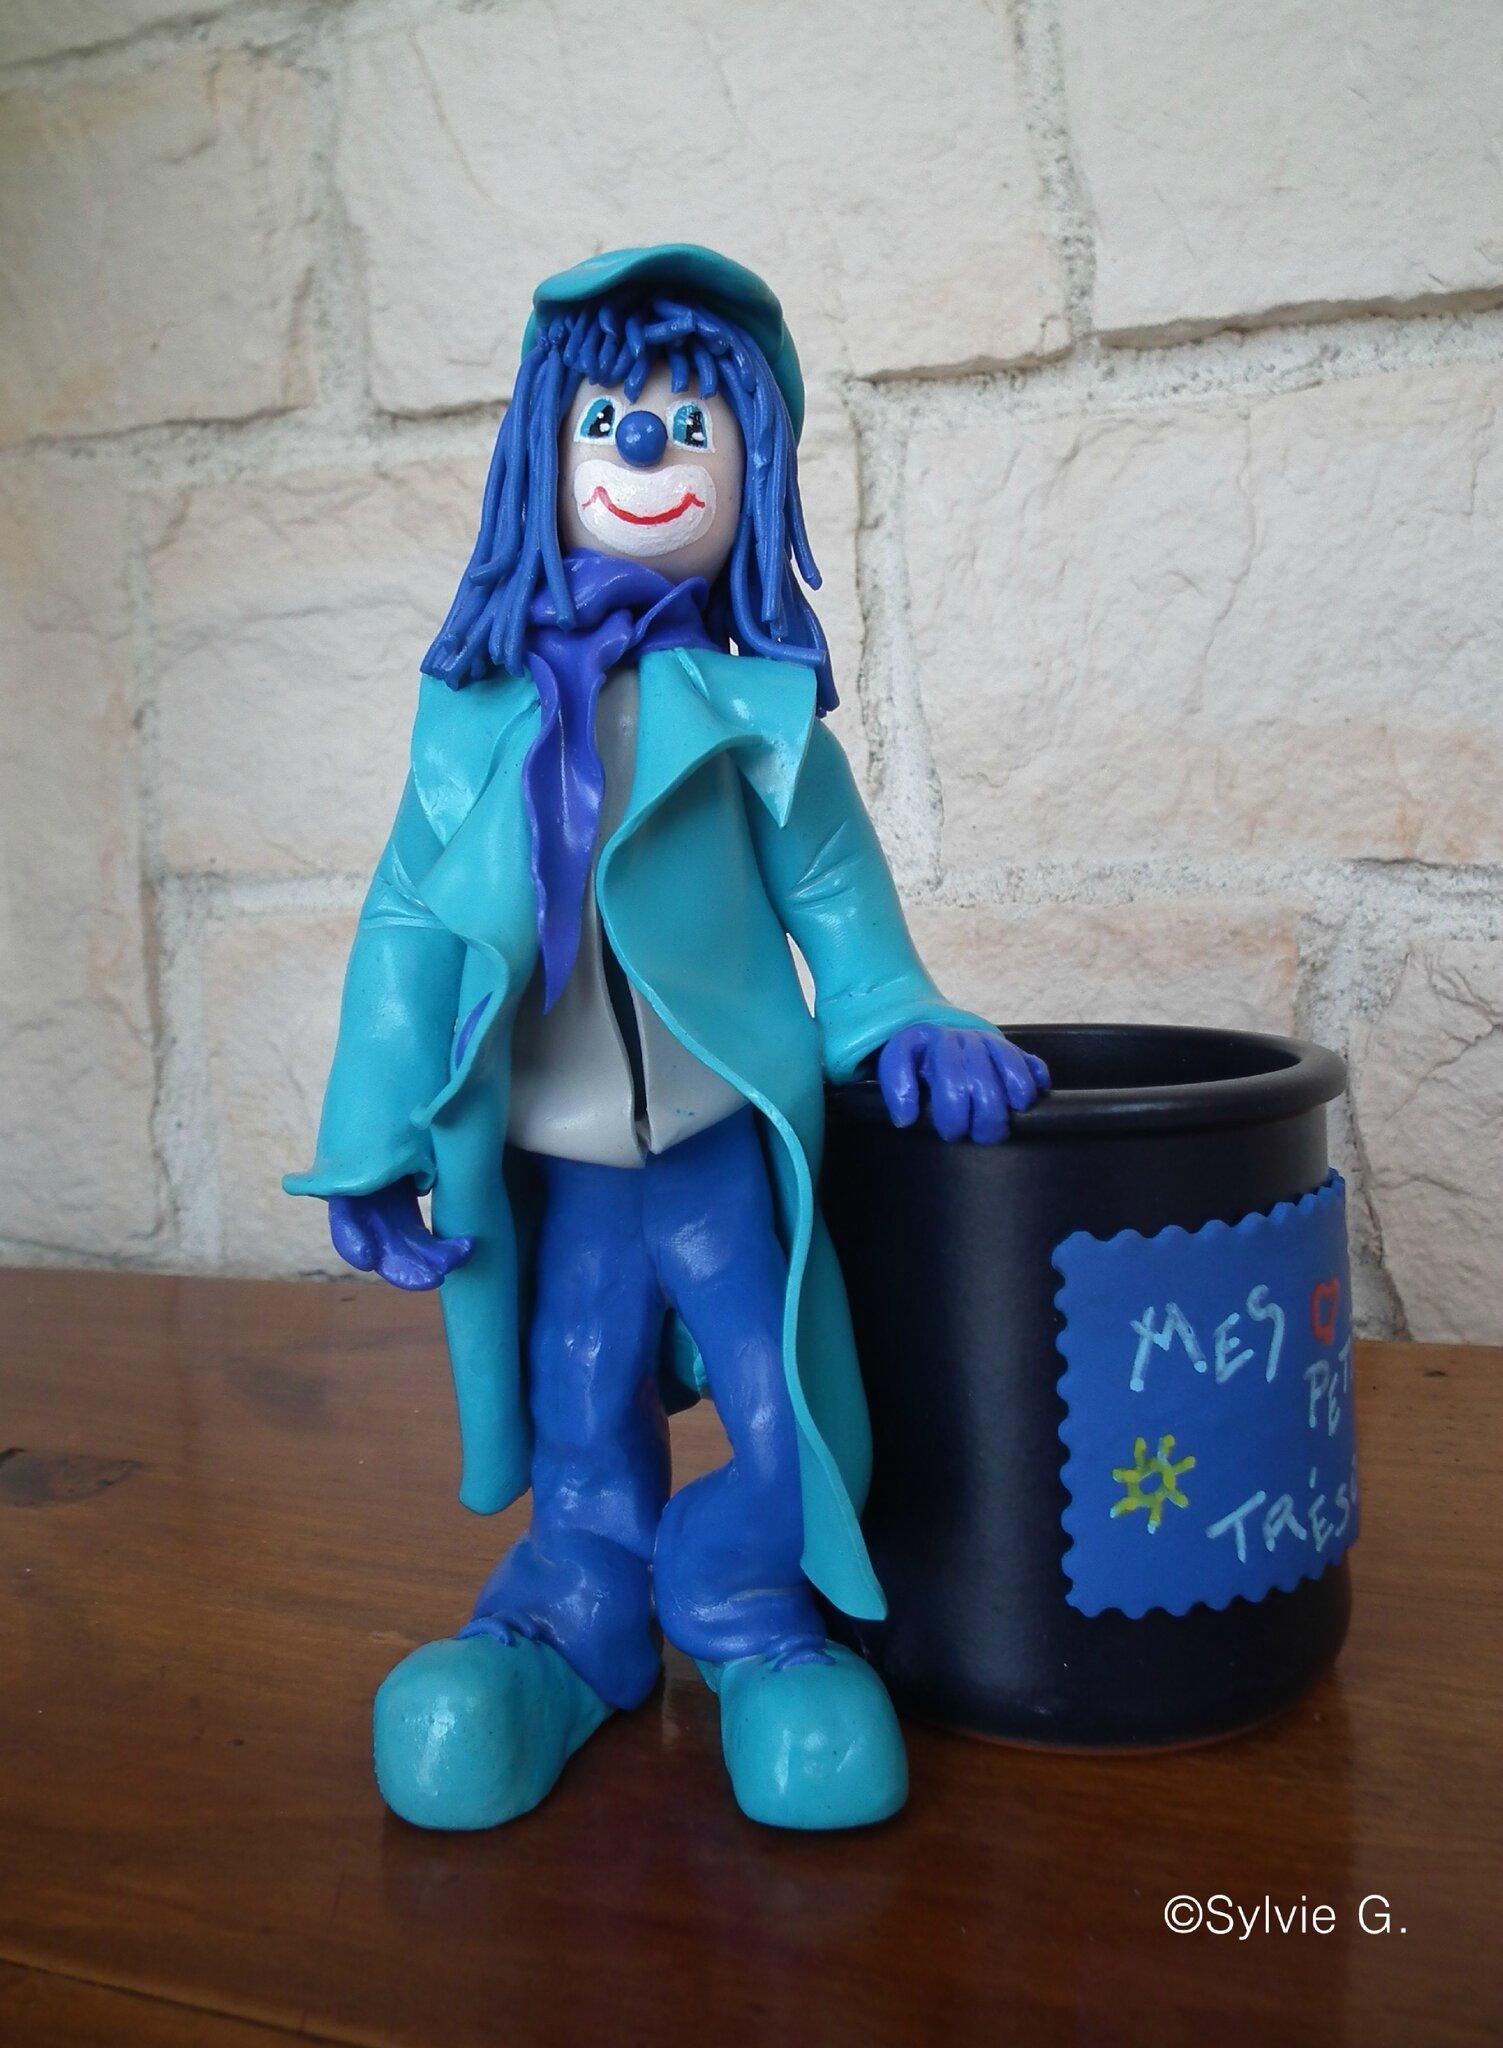 Le clown bleu -mes petits trésors- (1a)